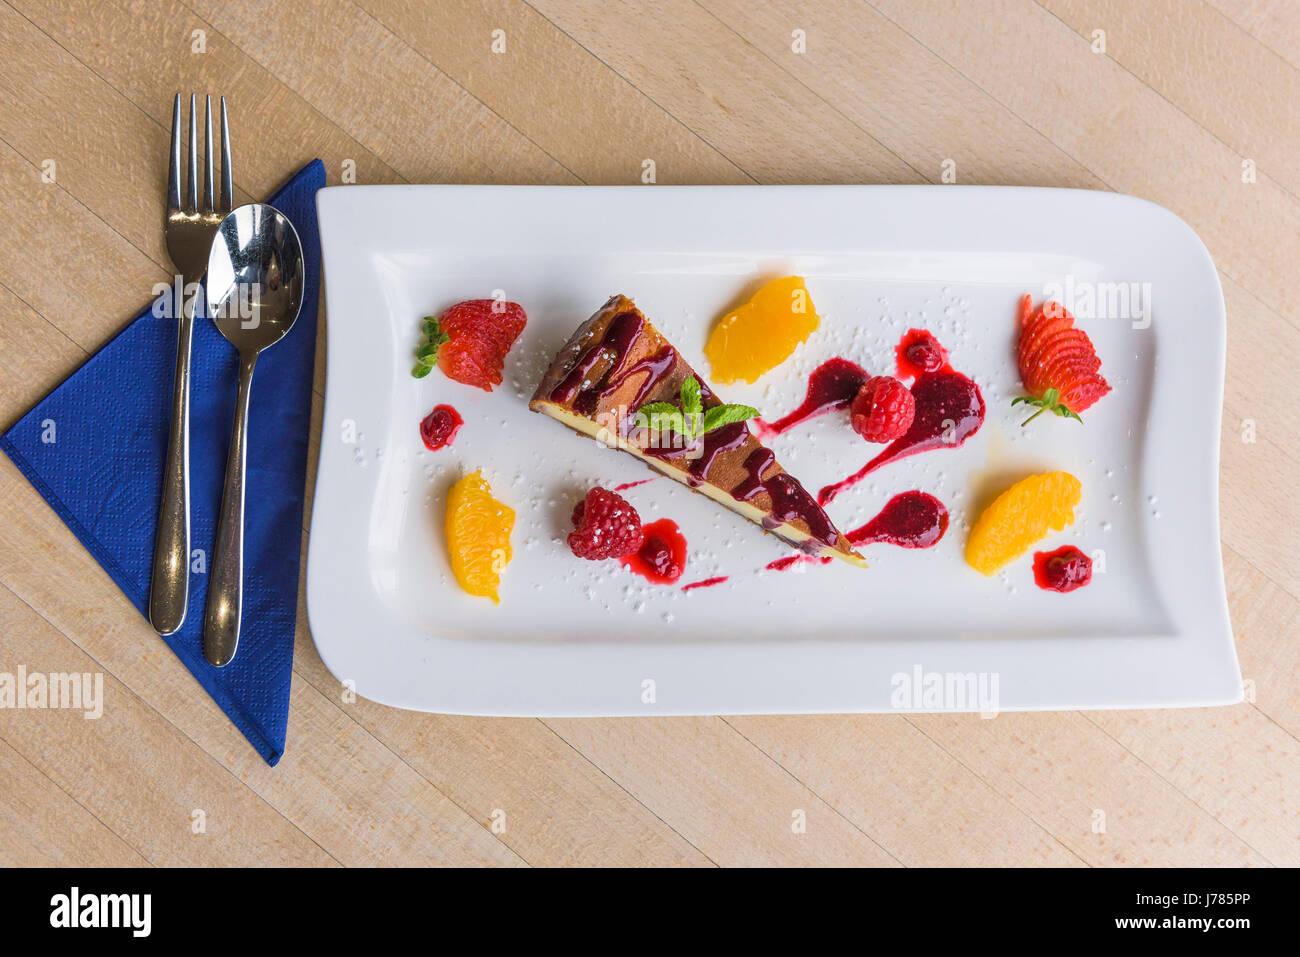 Une vue rapprochée d'un coloré dessert servi dans un restaurant; l'alimentation;;; Photo Stock